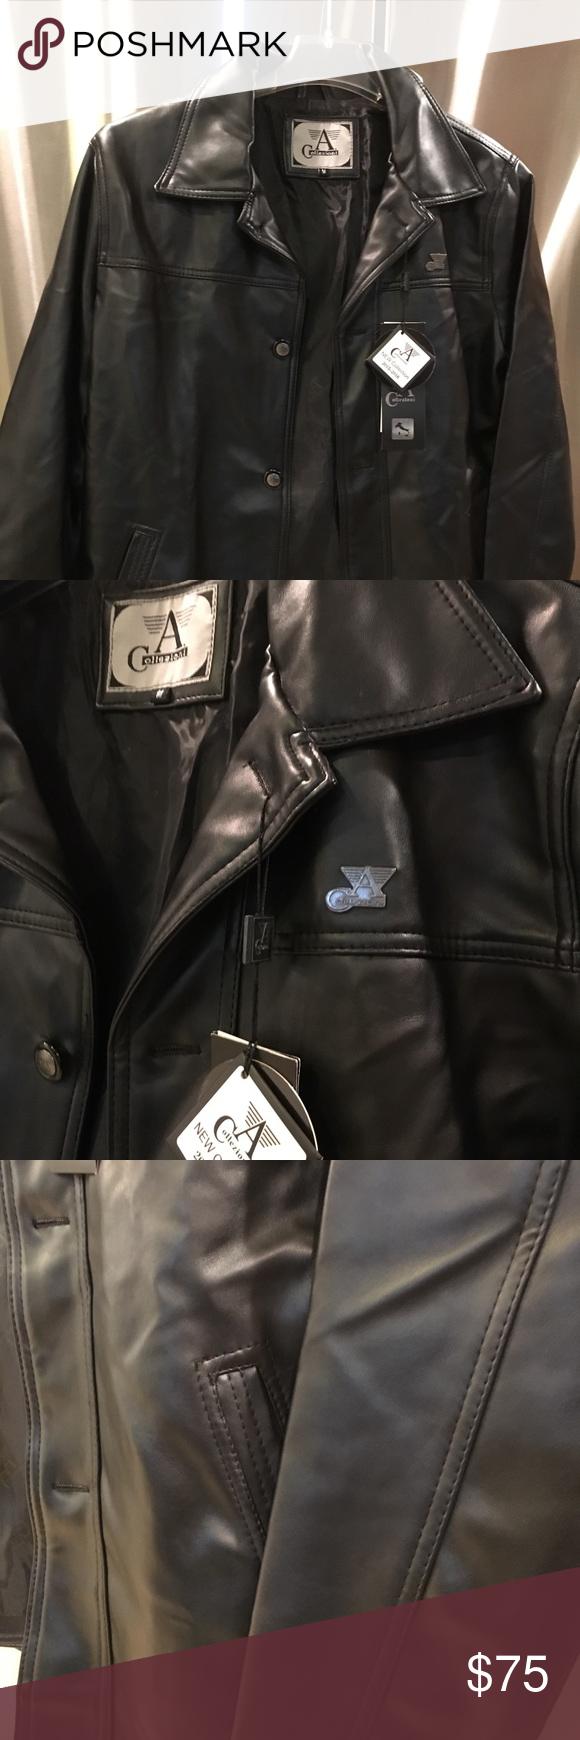 63b1d1a59 A Collezioni Faux leather jacket Brand new A Collezioni black faux ...